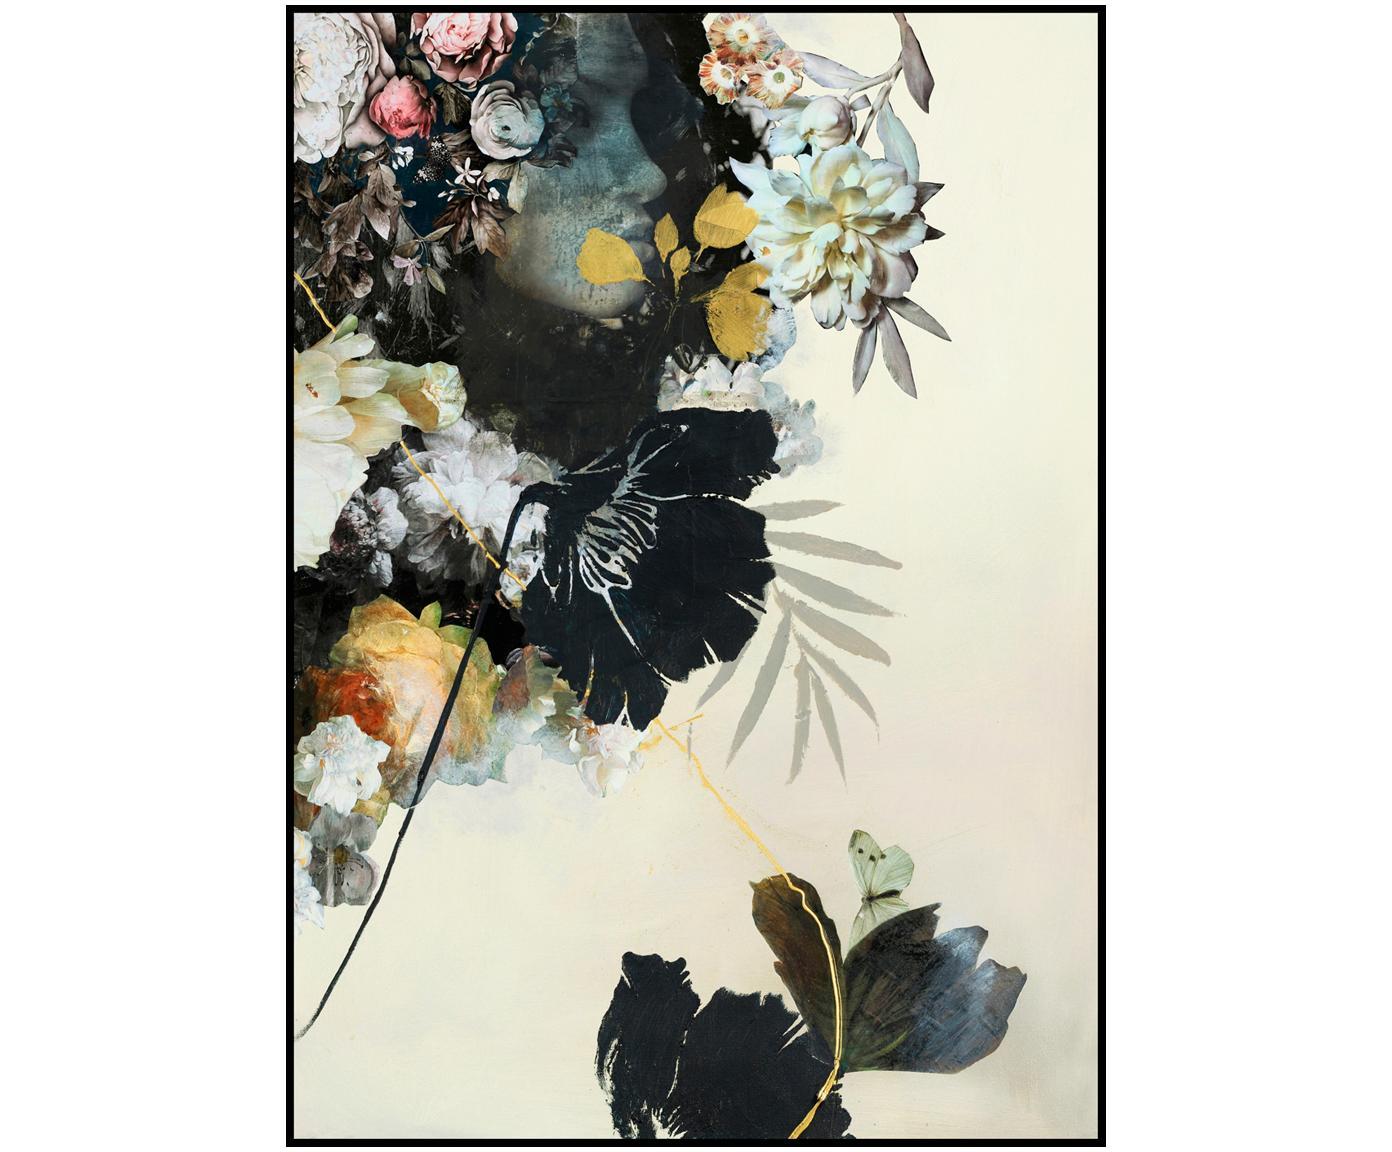 Stampa digitale incorniciata Haute Couture, Immagine: stampa digitale su carta , Cornice: Pannello di fibra ad alta, Multicolore, Larg. 30 x Alt. 40 cm